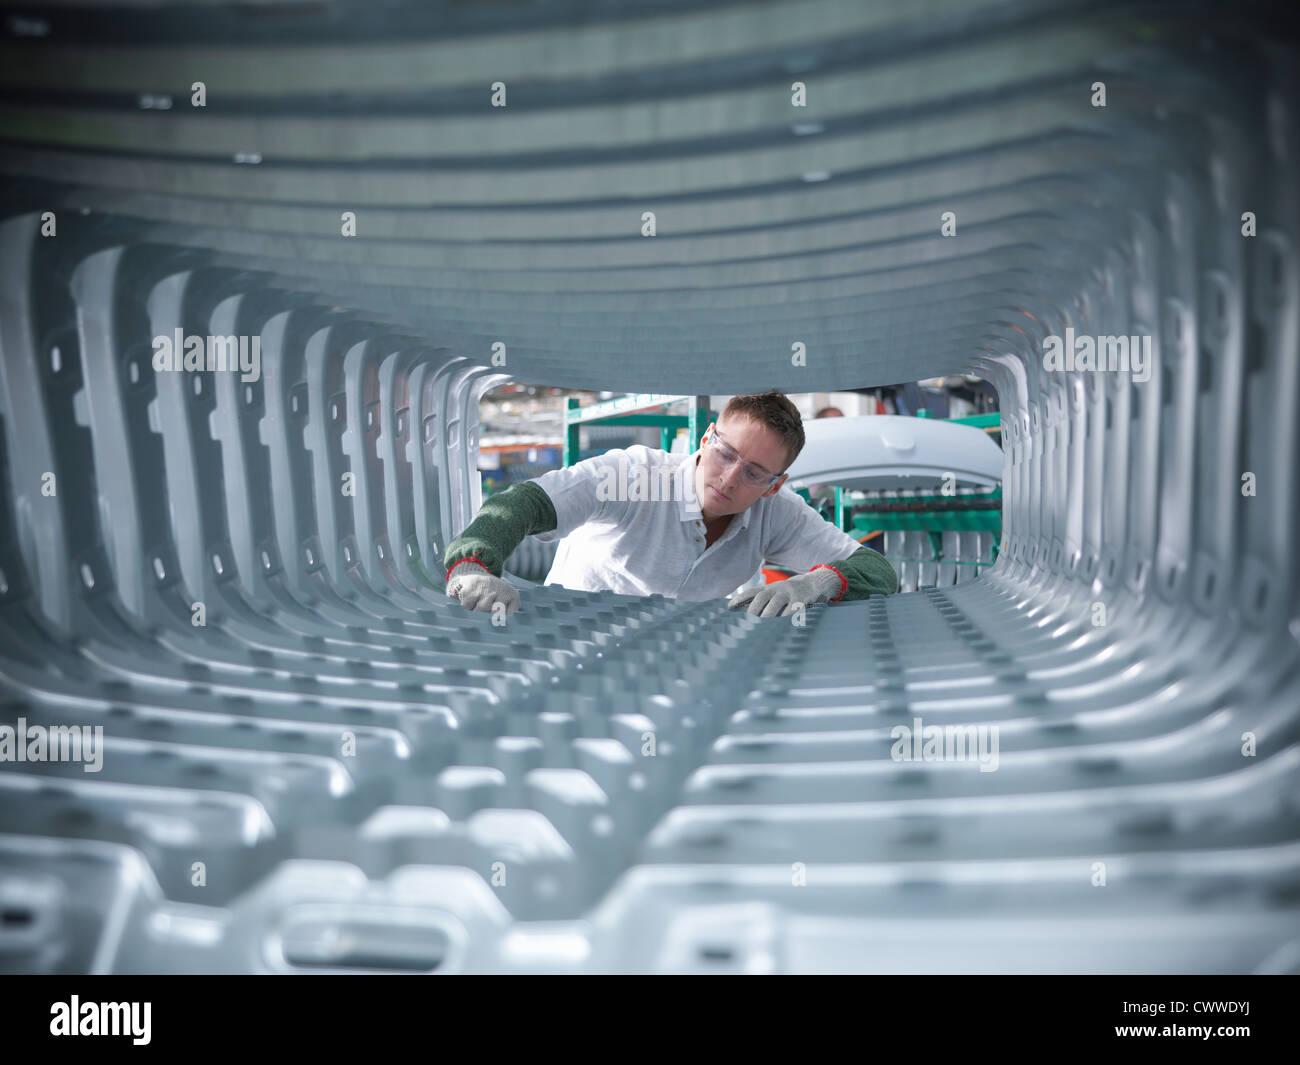 Inspecting car travailleur usine automobile en pressages corps Banque D'Images